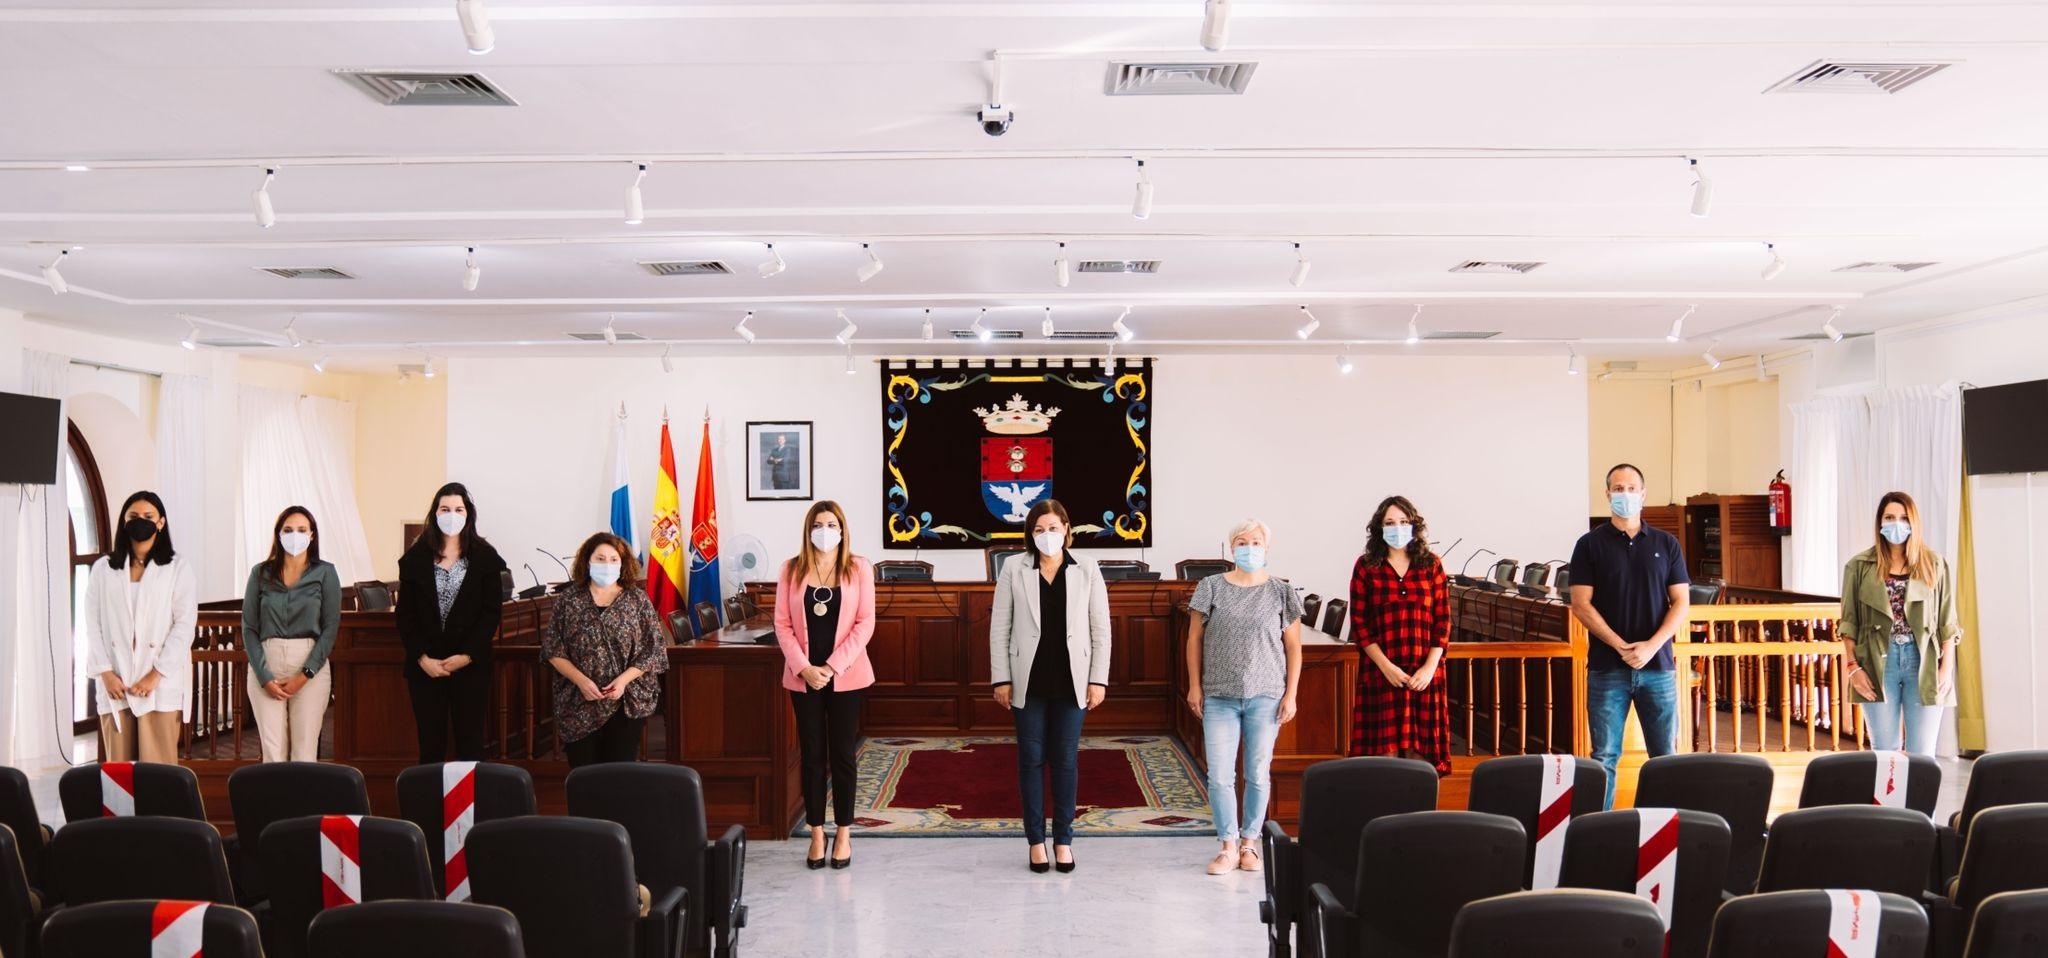 Arrecife contrata 6 trabajadores sociales,  4 educadores sociales, 1 psicóloga, 1 jurista  y 2 auxiliares para reforzar el Área de Servicios Sociales